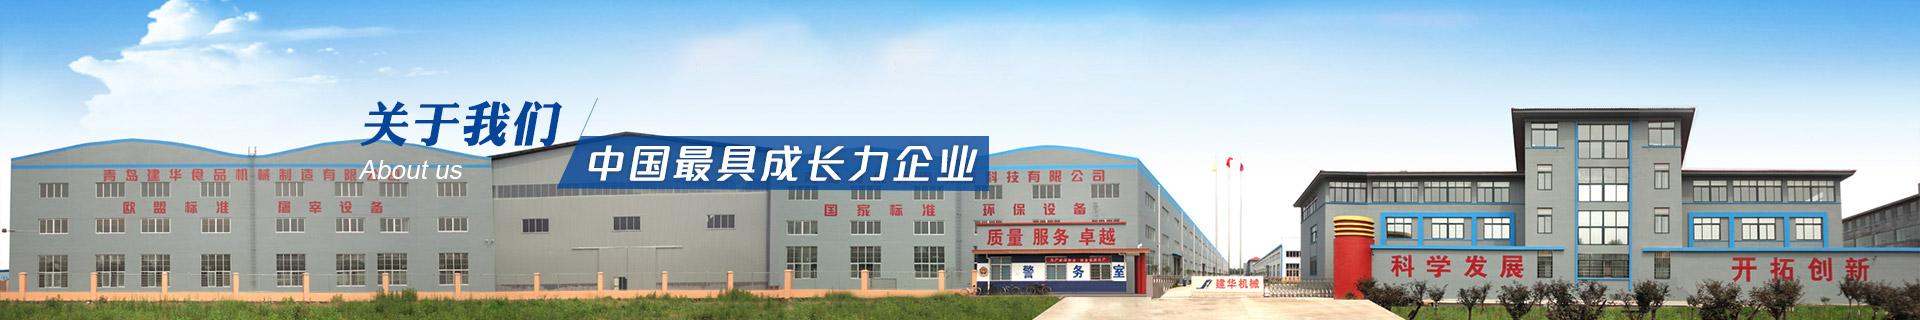 建华机械-中国最具成长力企业